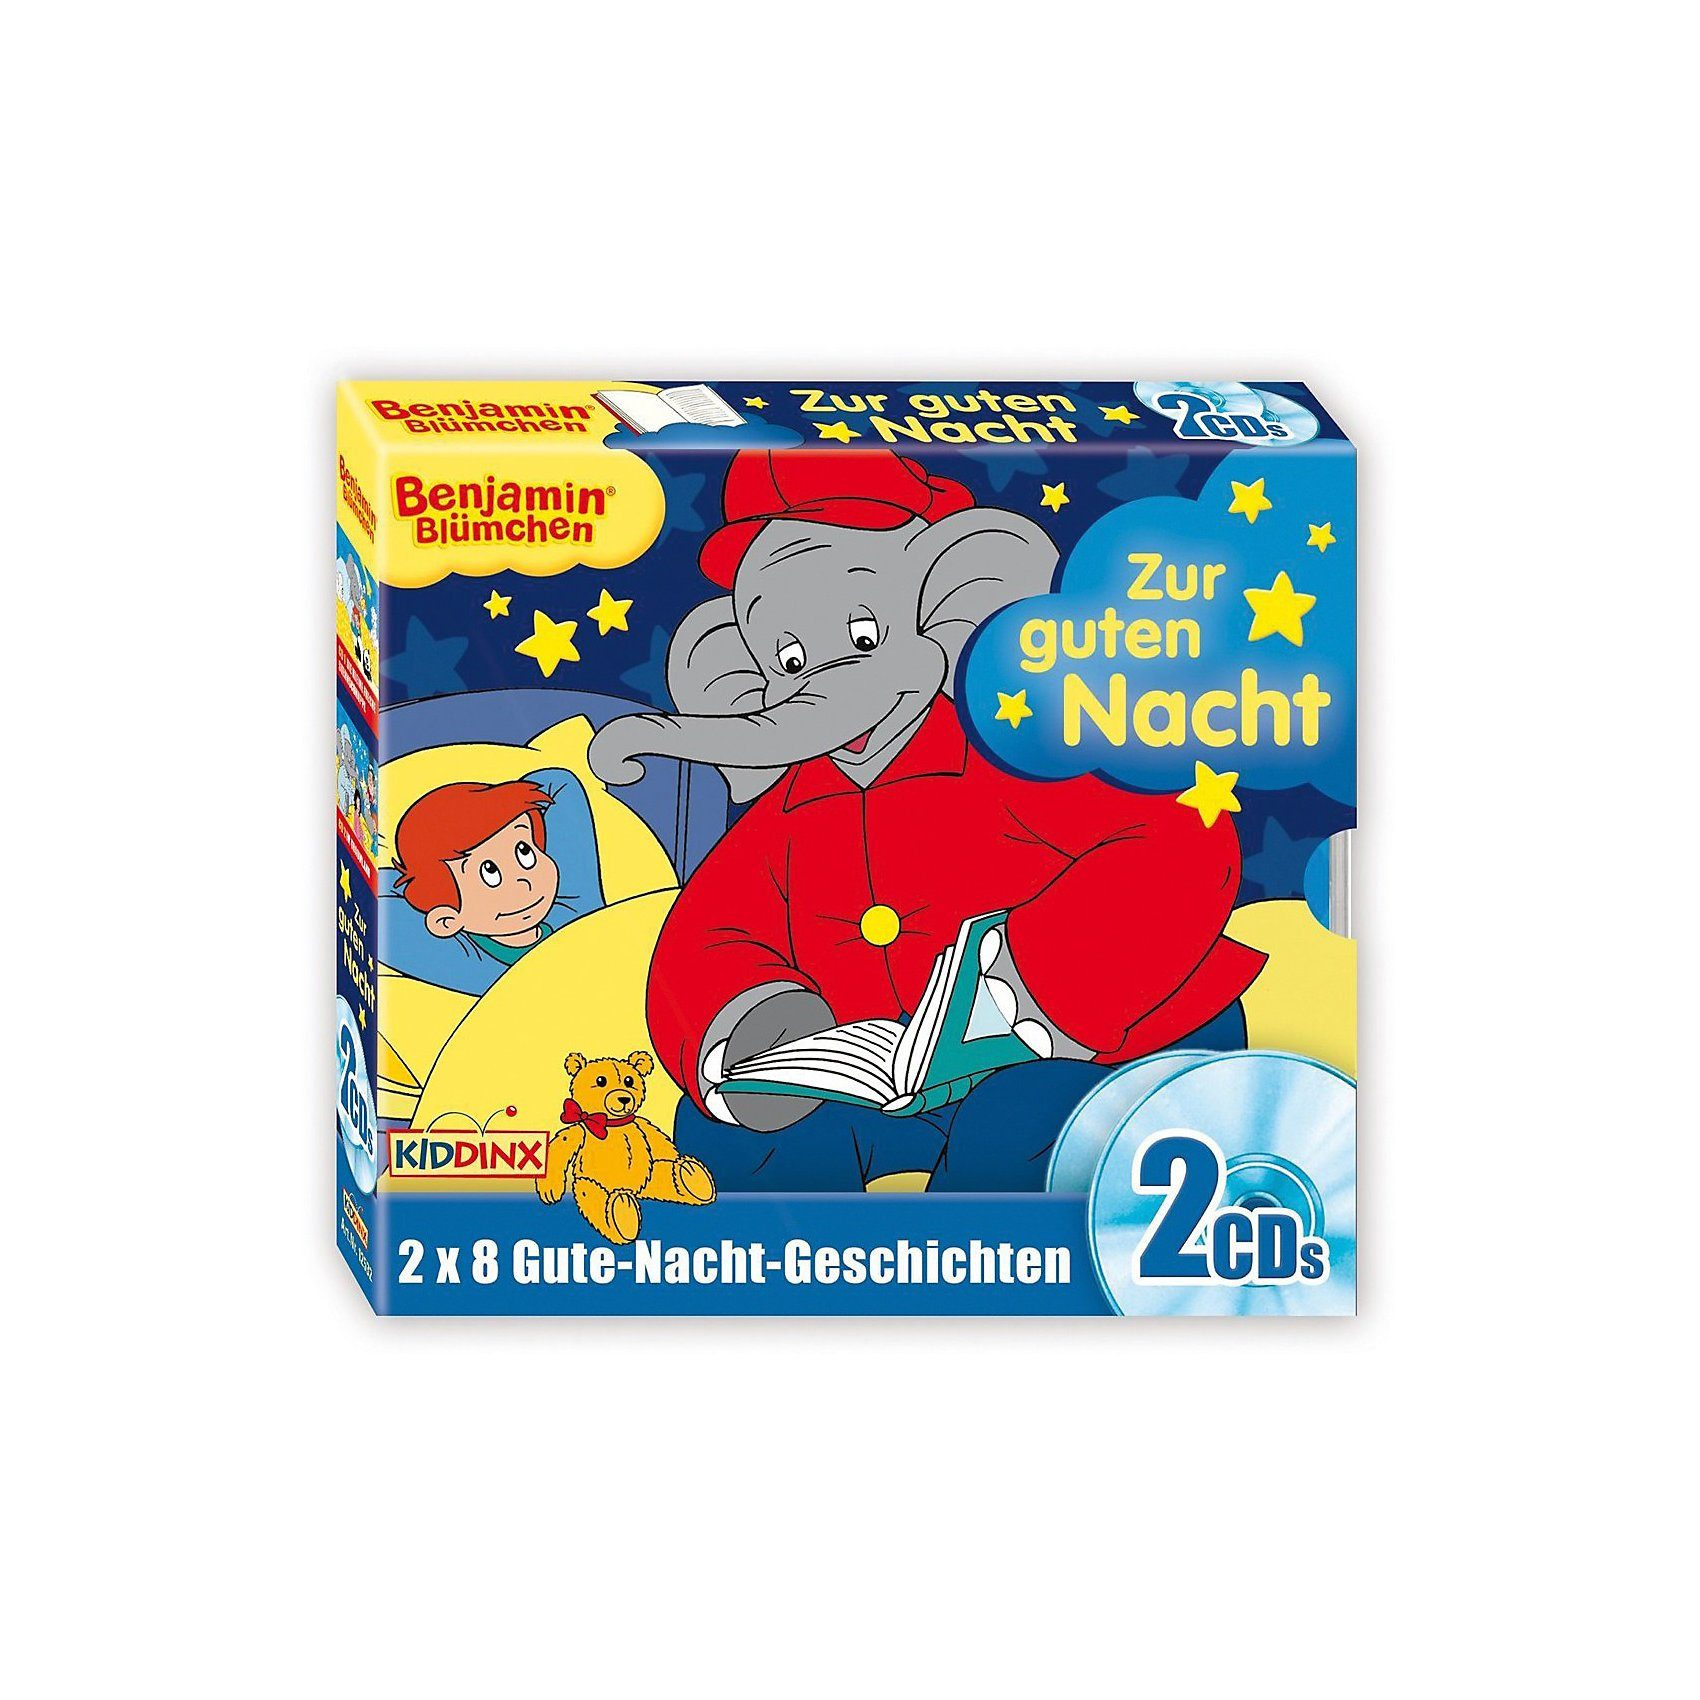 Kiddinx CD Benjamin Blümchen Gute Nacht Geschichten Box (Folge 8 + 1